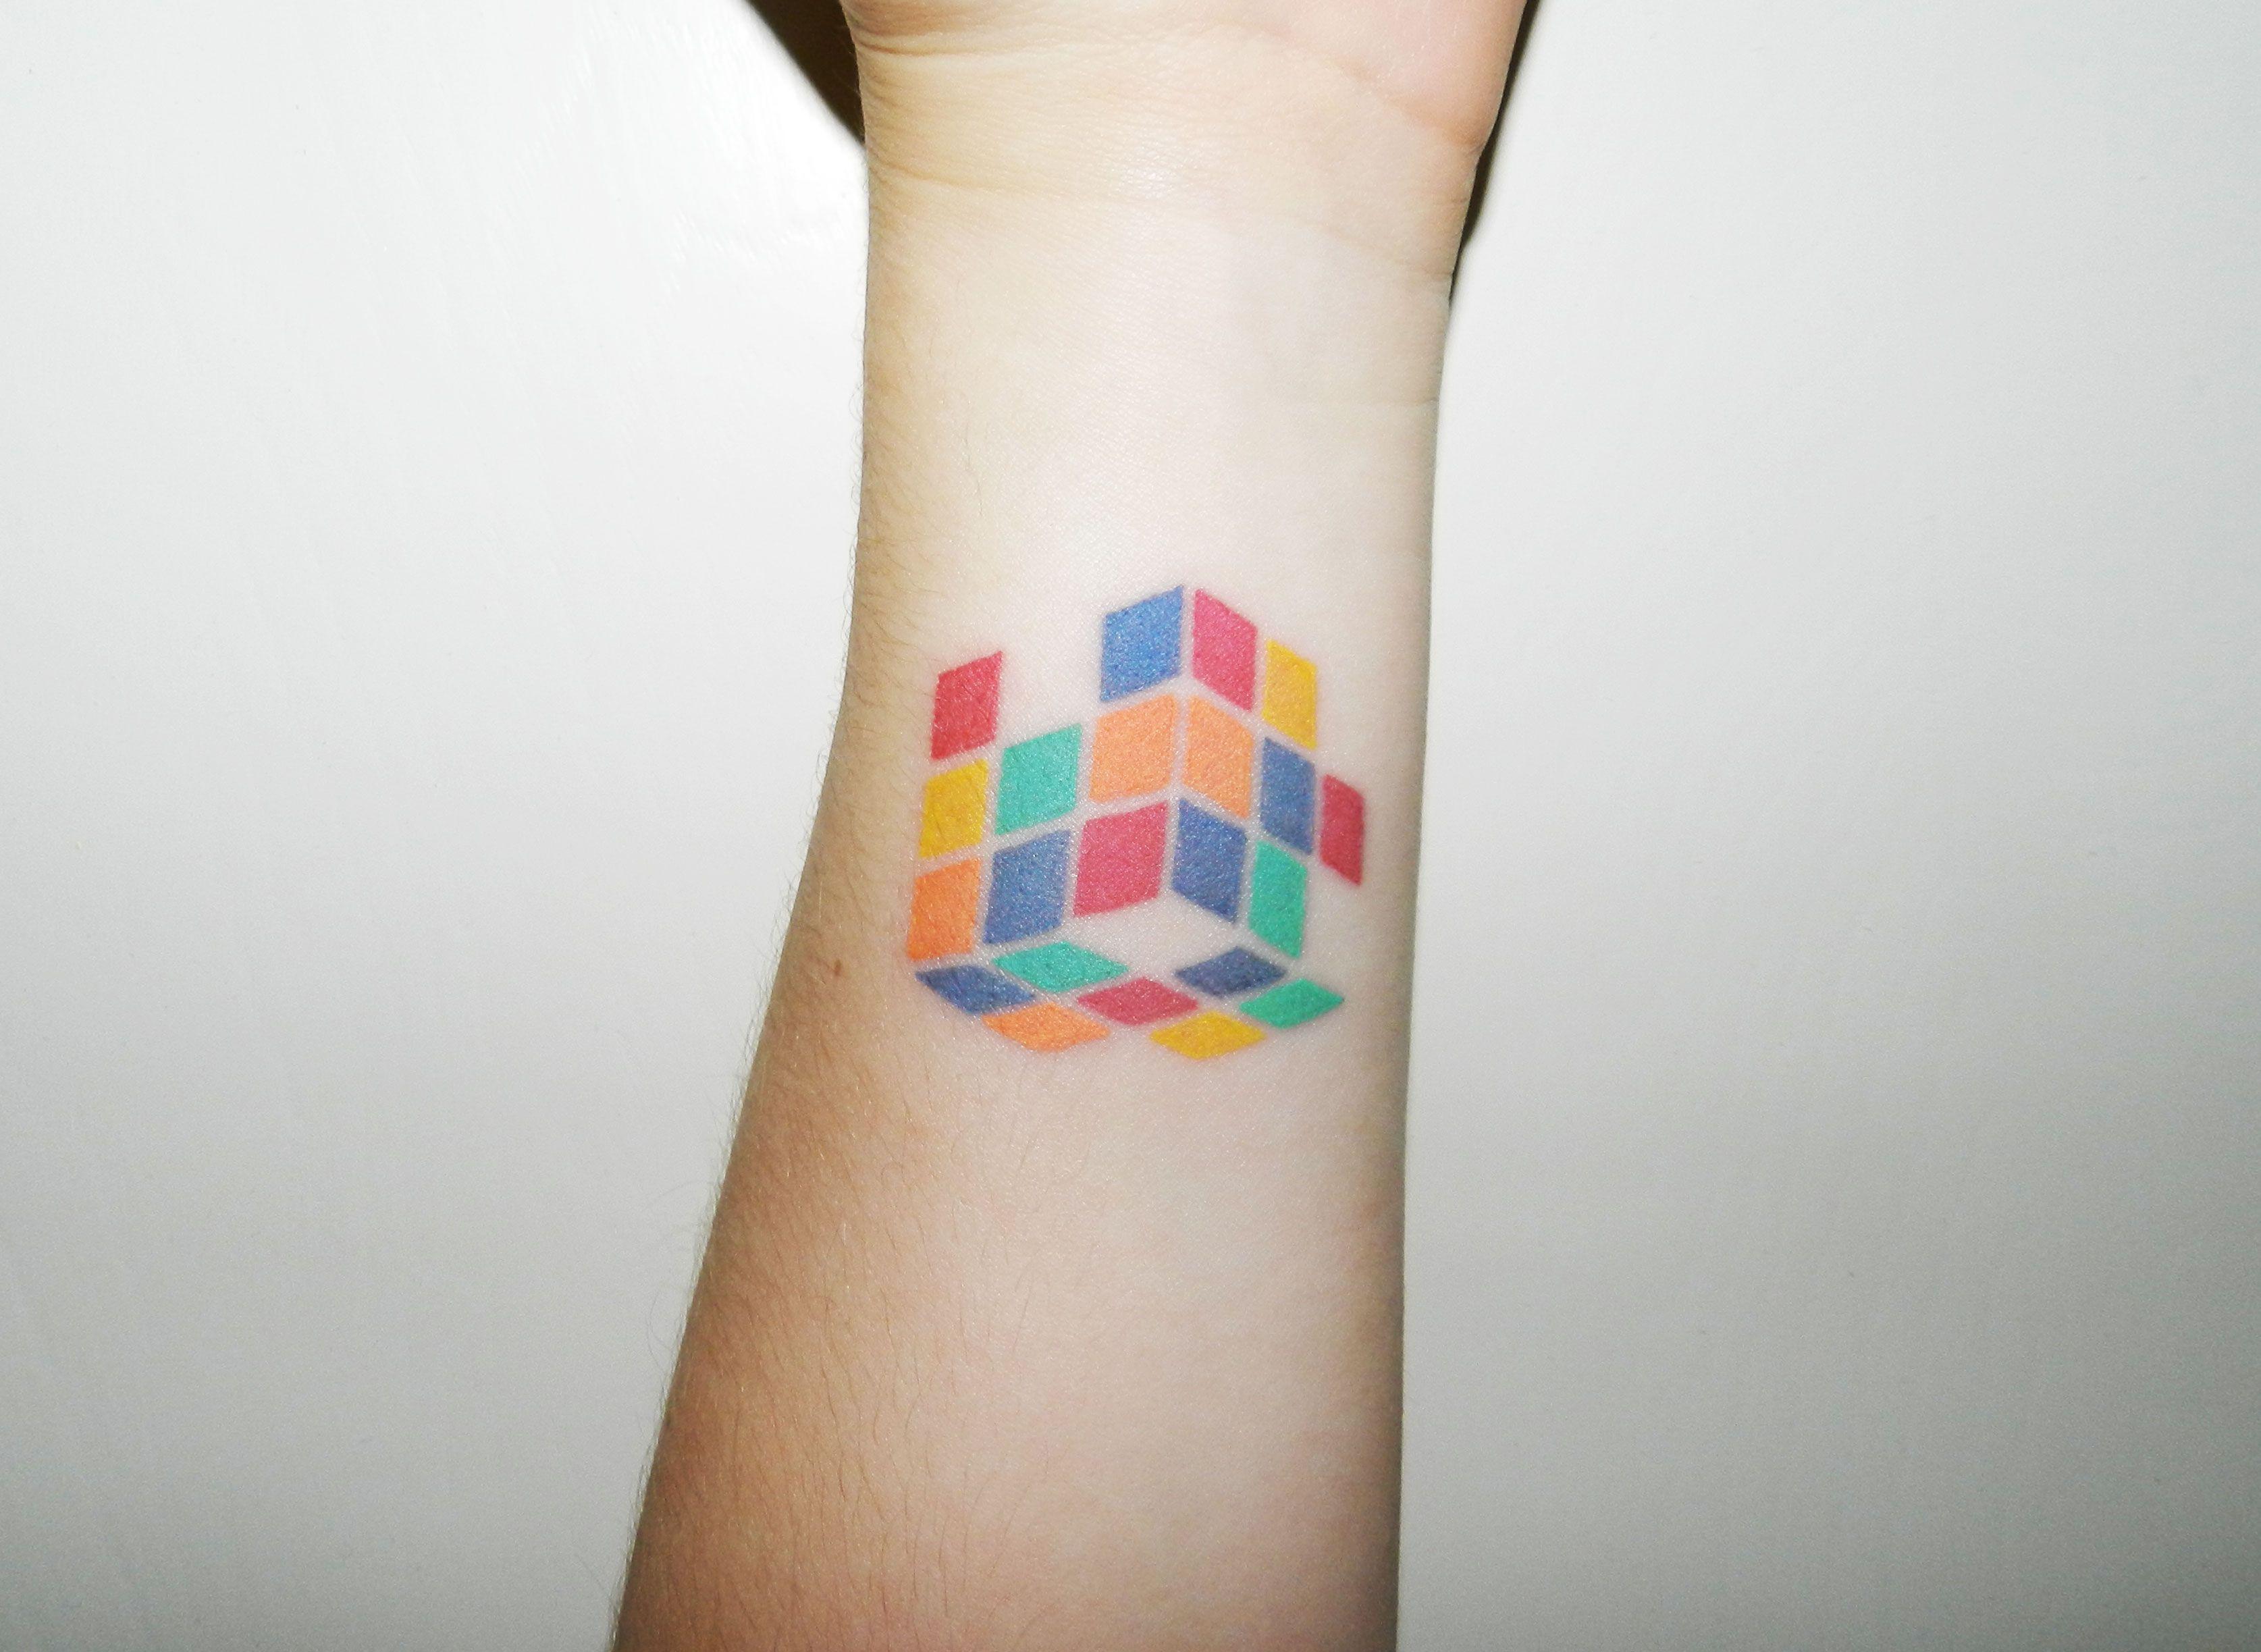 Tool box tattoo by mark old school tattoos by mark pinterest - Minimalistic Rubik S Cube Kayden Digiovanni At Dallas Tattoo